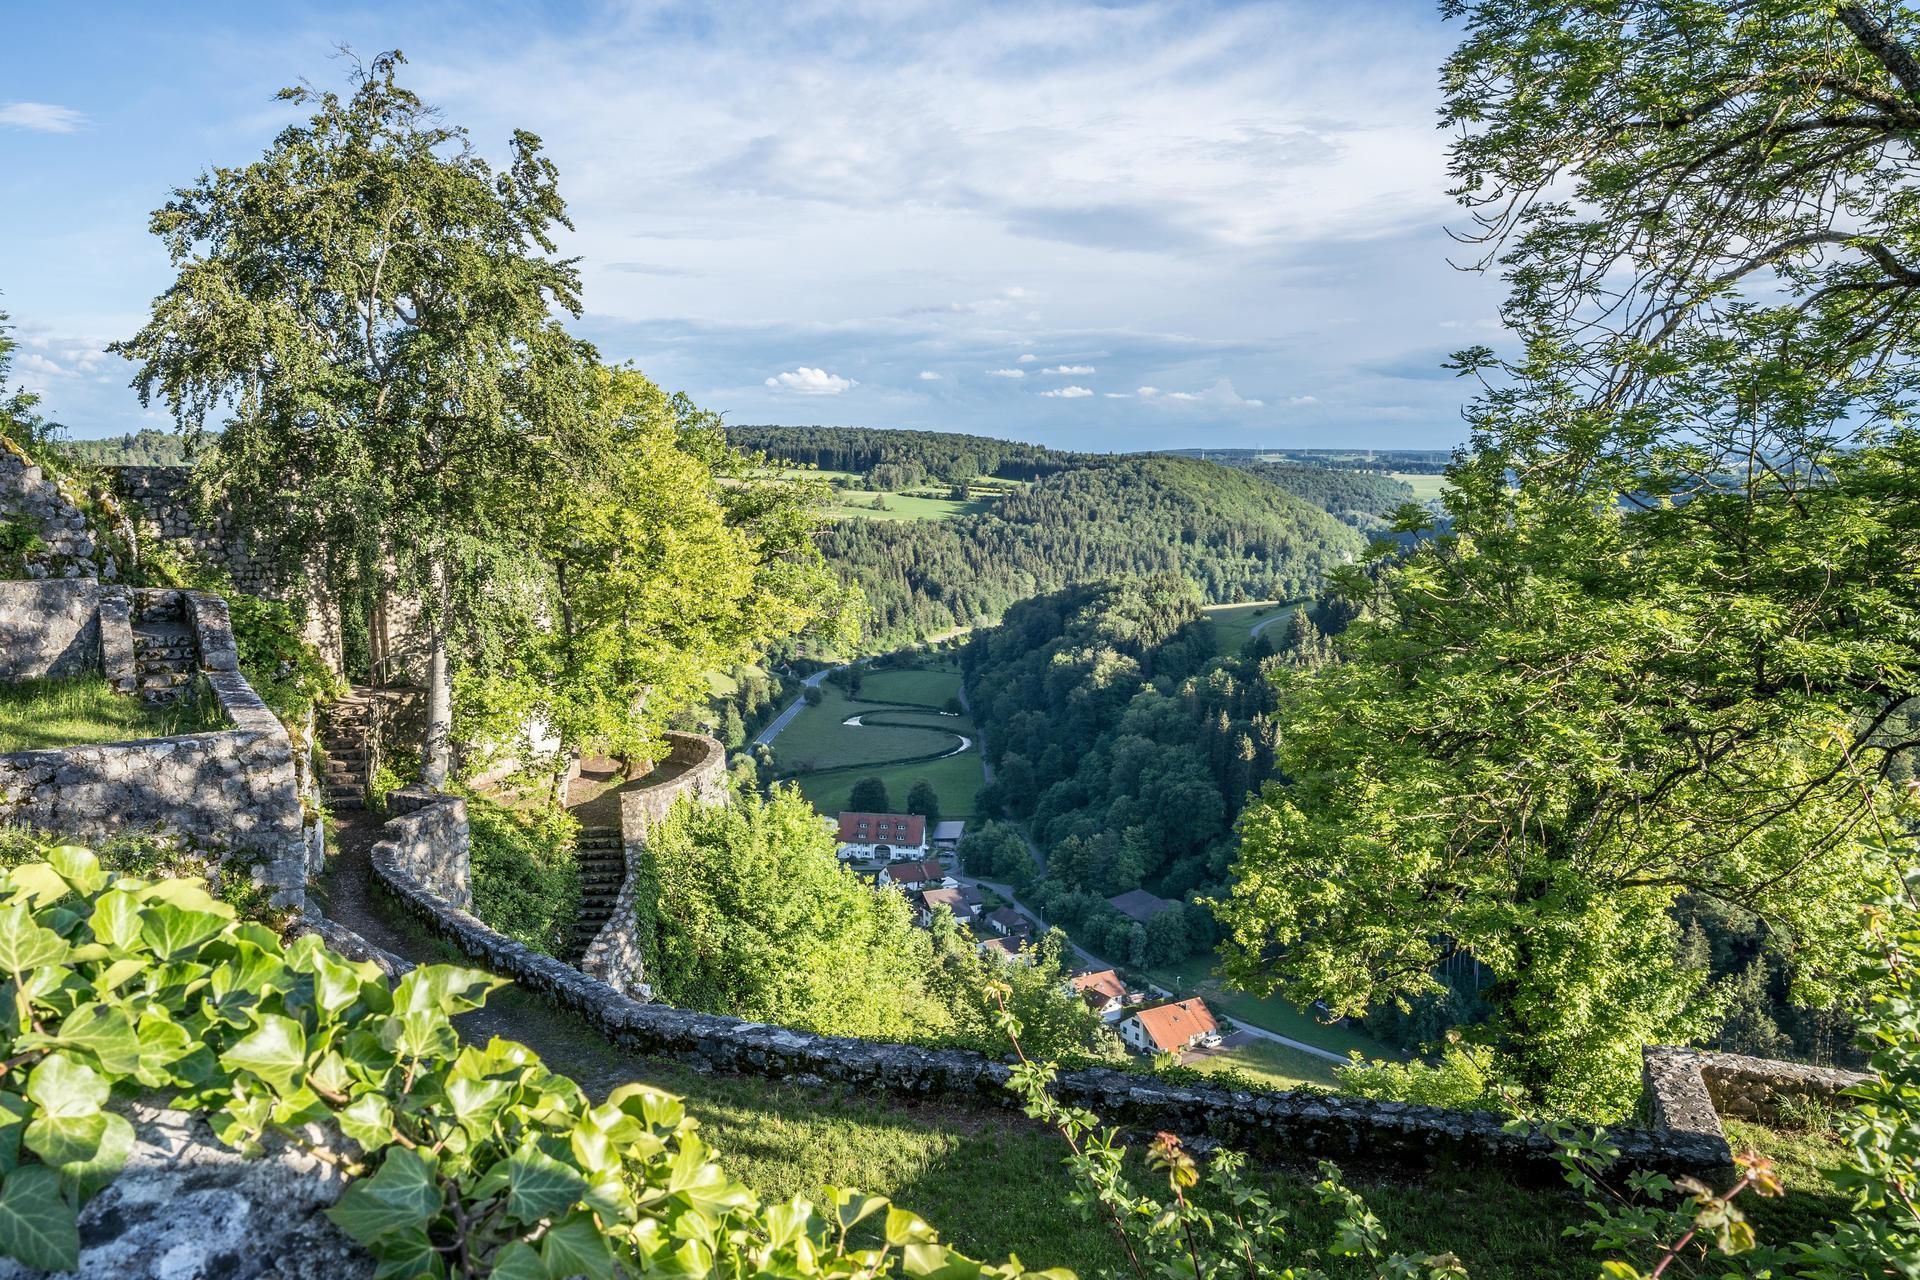 Der Ausblick von einer Burg über ein weites Tal, durch das sich ein Fluss schlängelt und in dem ein kleines Dorf liegt. Ringsherum sind bewaldete Hügel. Die Landschaft erstrahlt in saftigem grün und der Himmel ist leicht bewölkt.